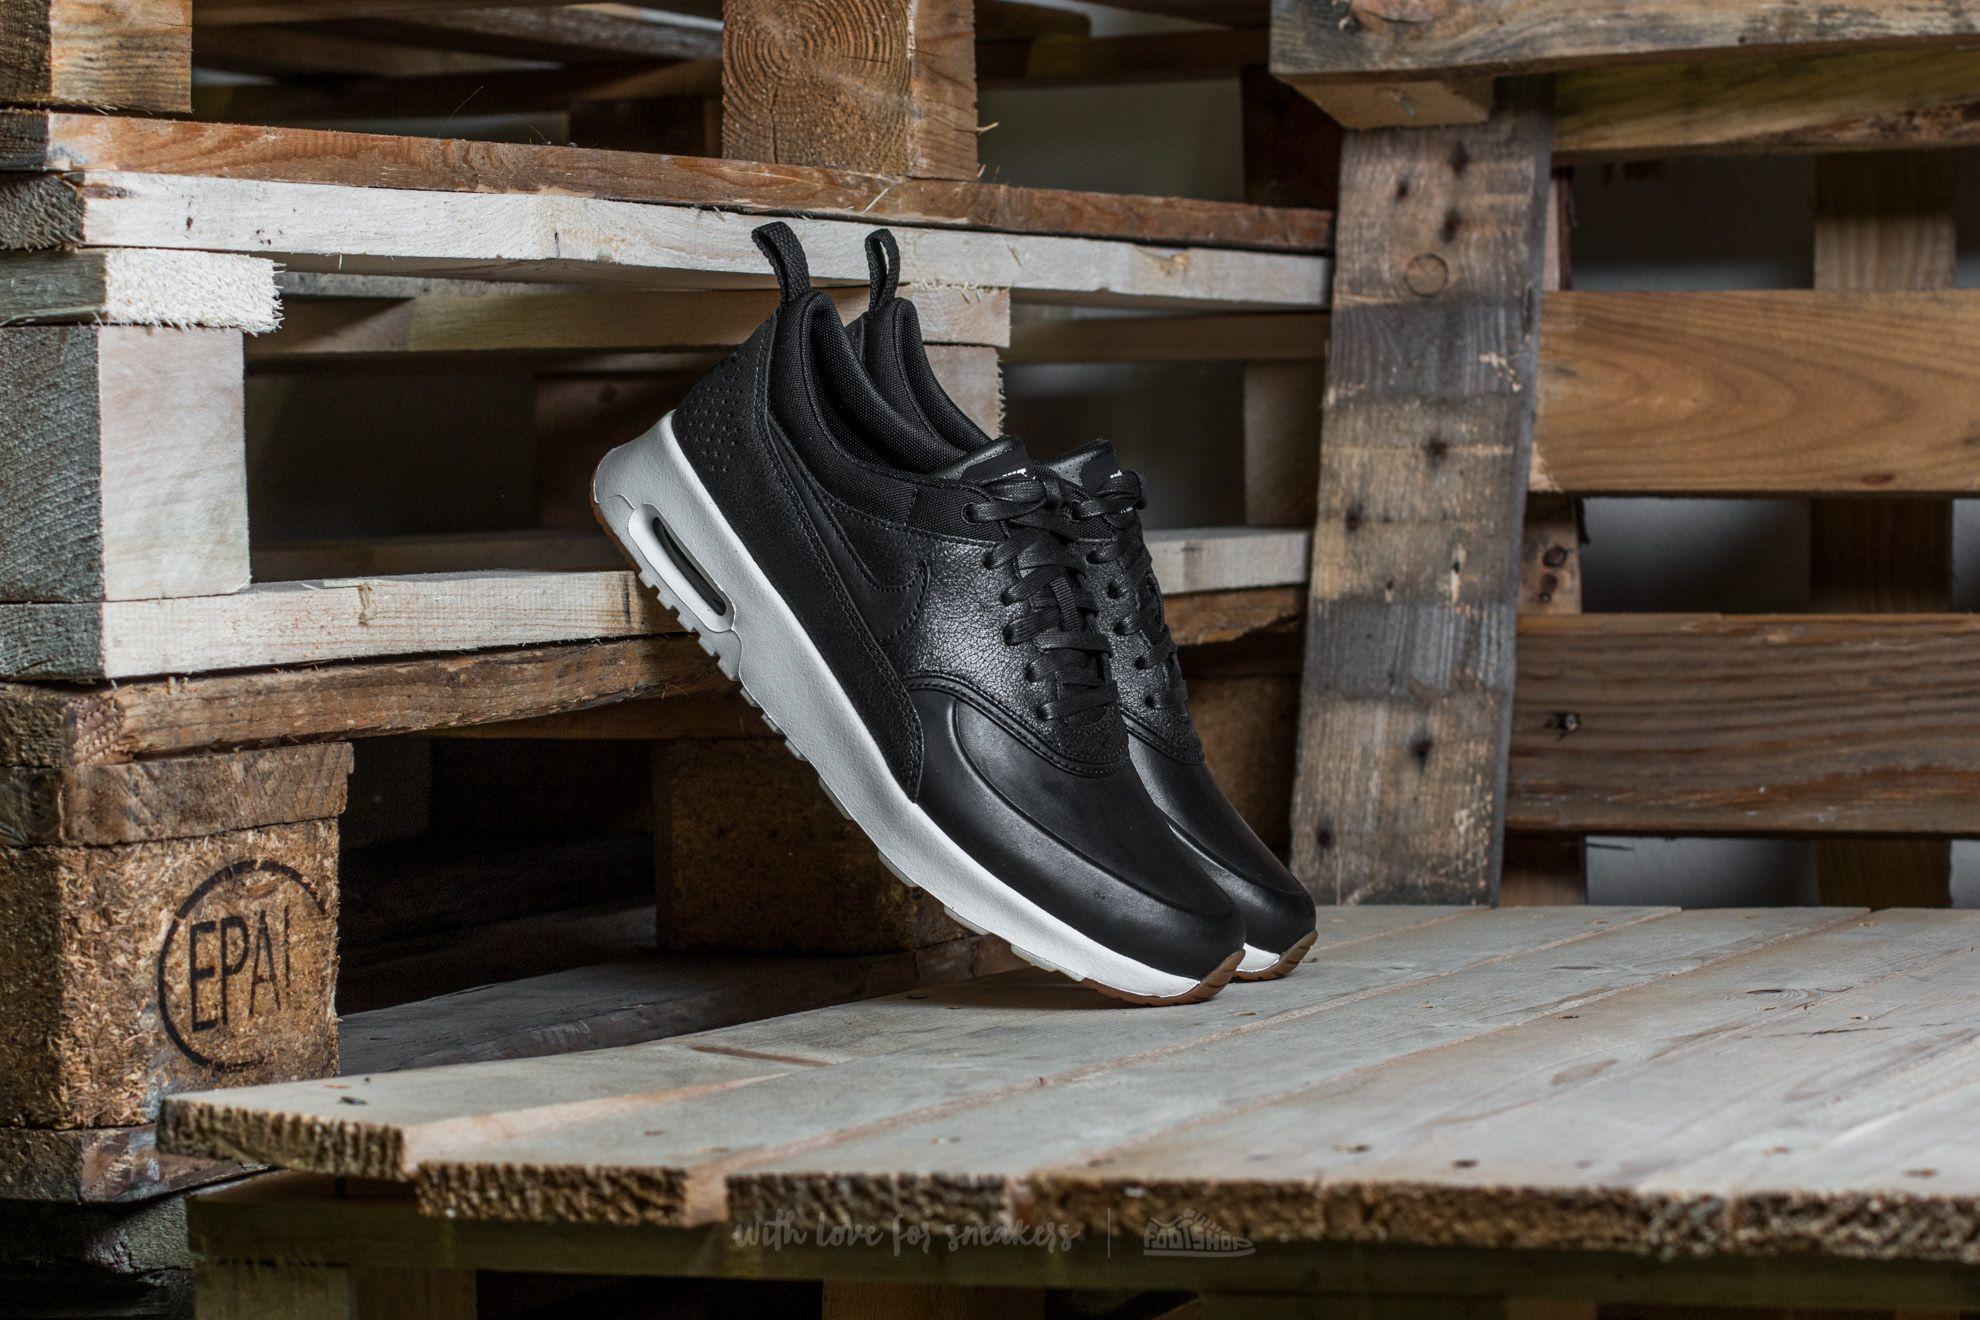 5efc772732 Nike Wmns Air Max Thea Premium Black/ Black-Sail-Gum Medium ...